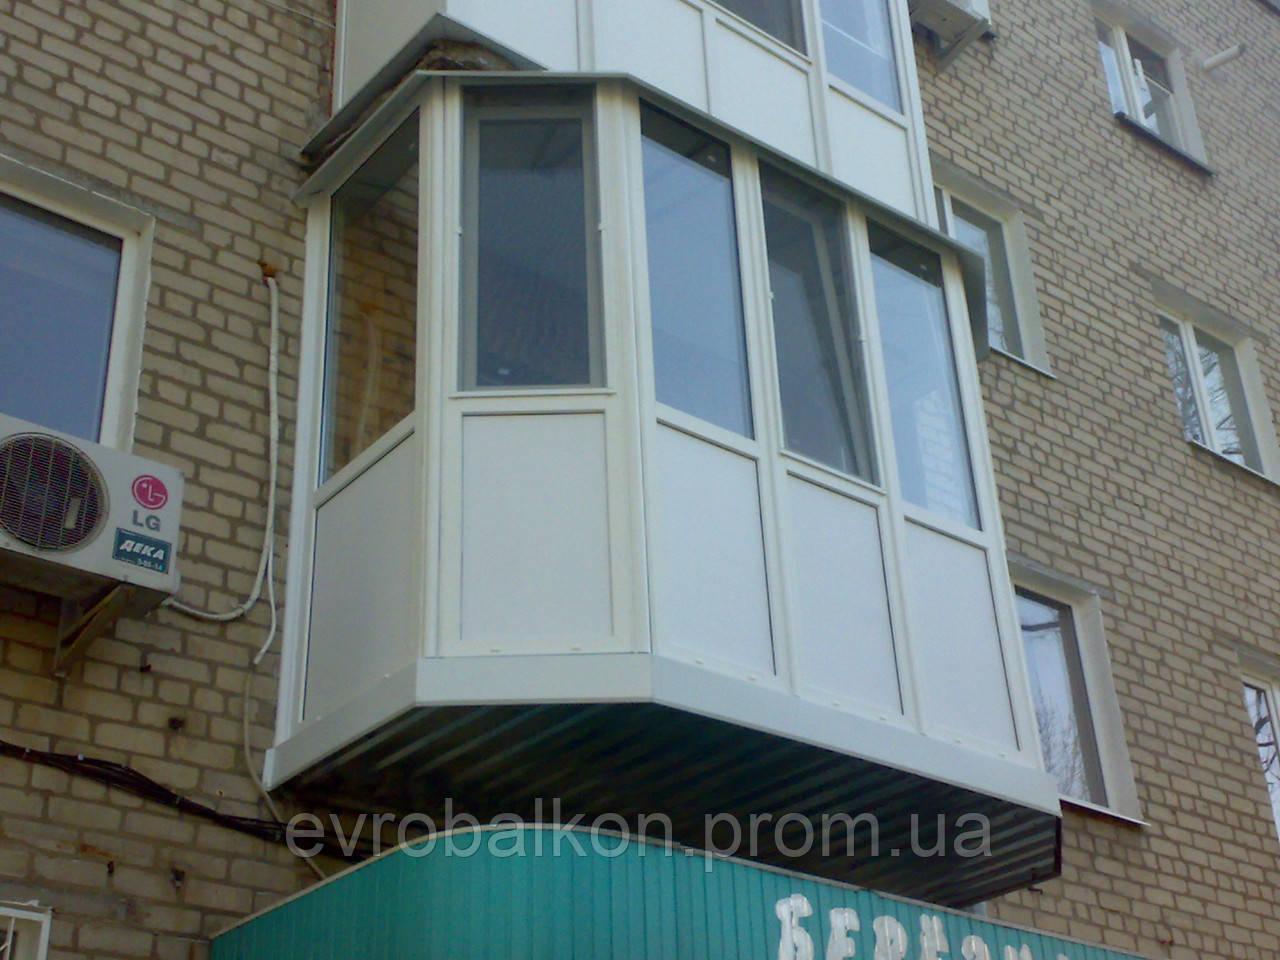 Эркерный балкон фото.